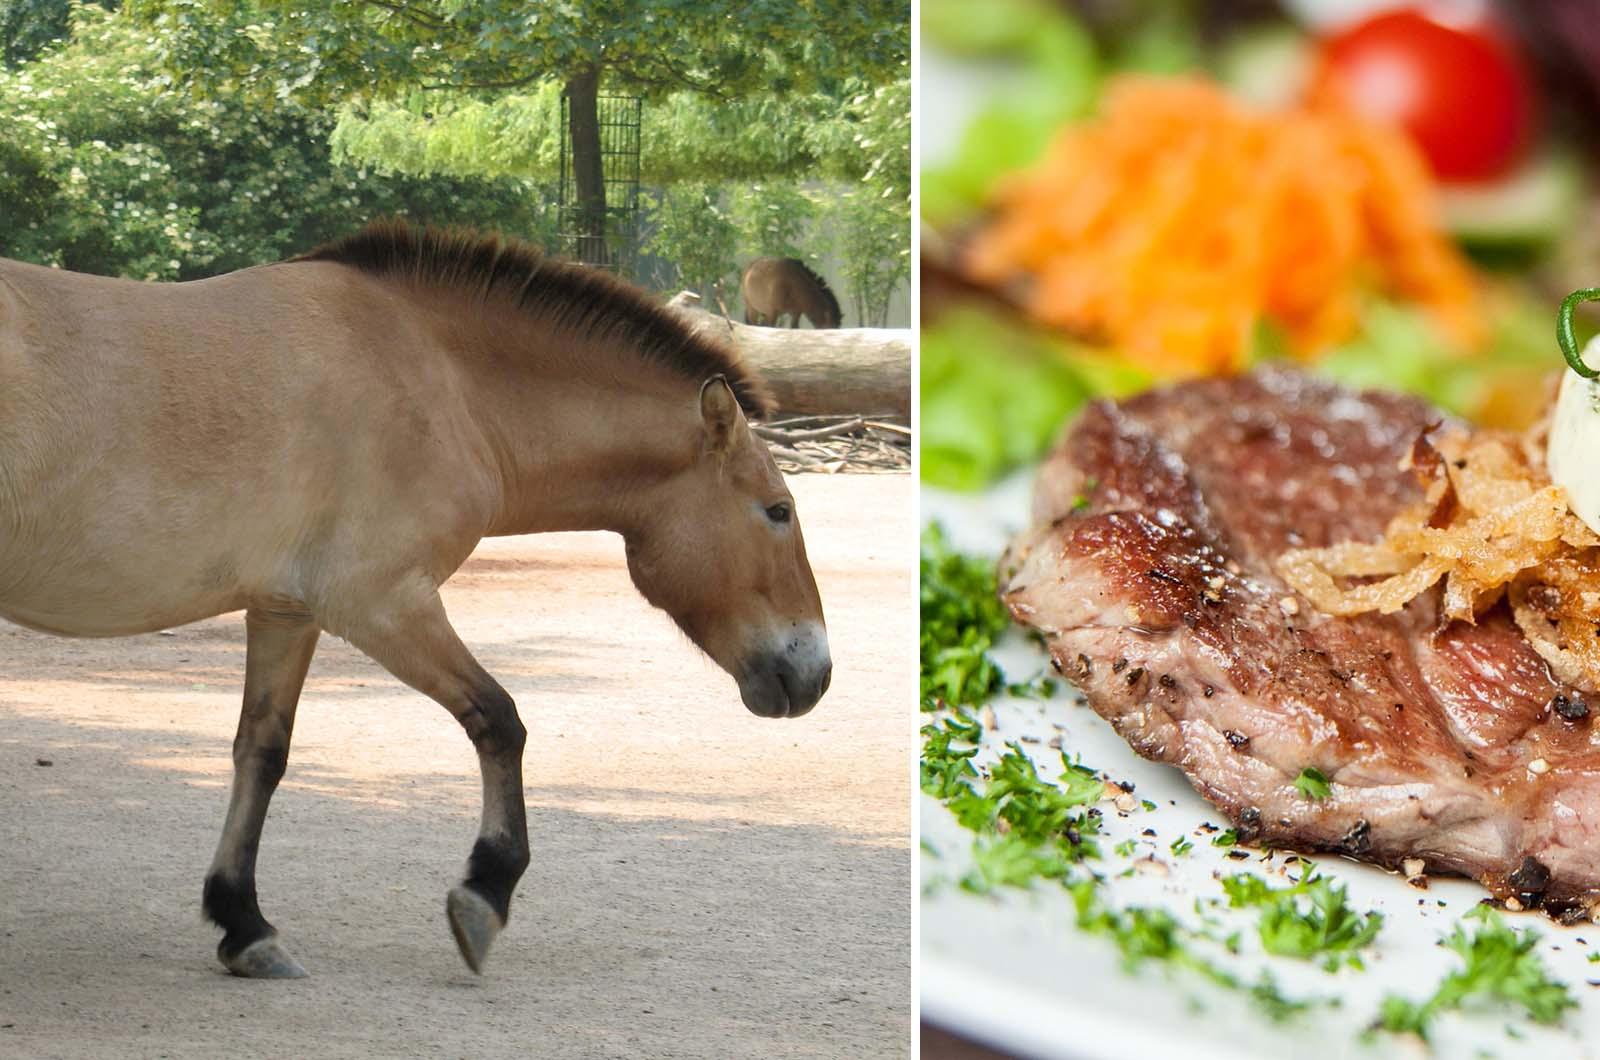 TATORT im Faktencheck: Tiere aus dem Zoo landen wirklich auf dem Teller